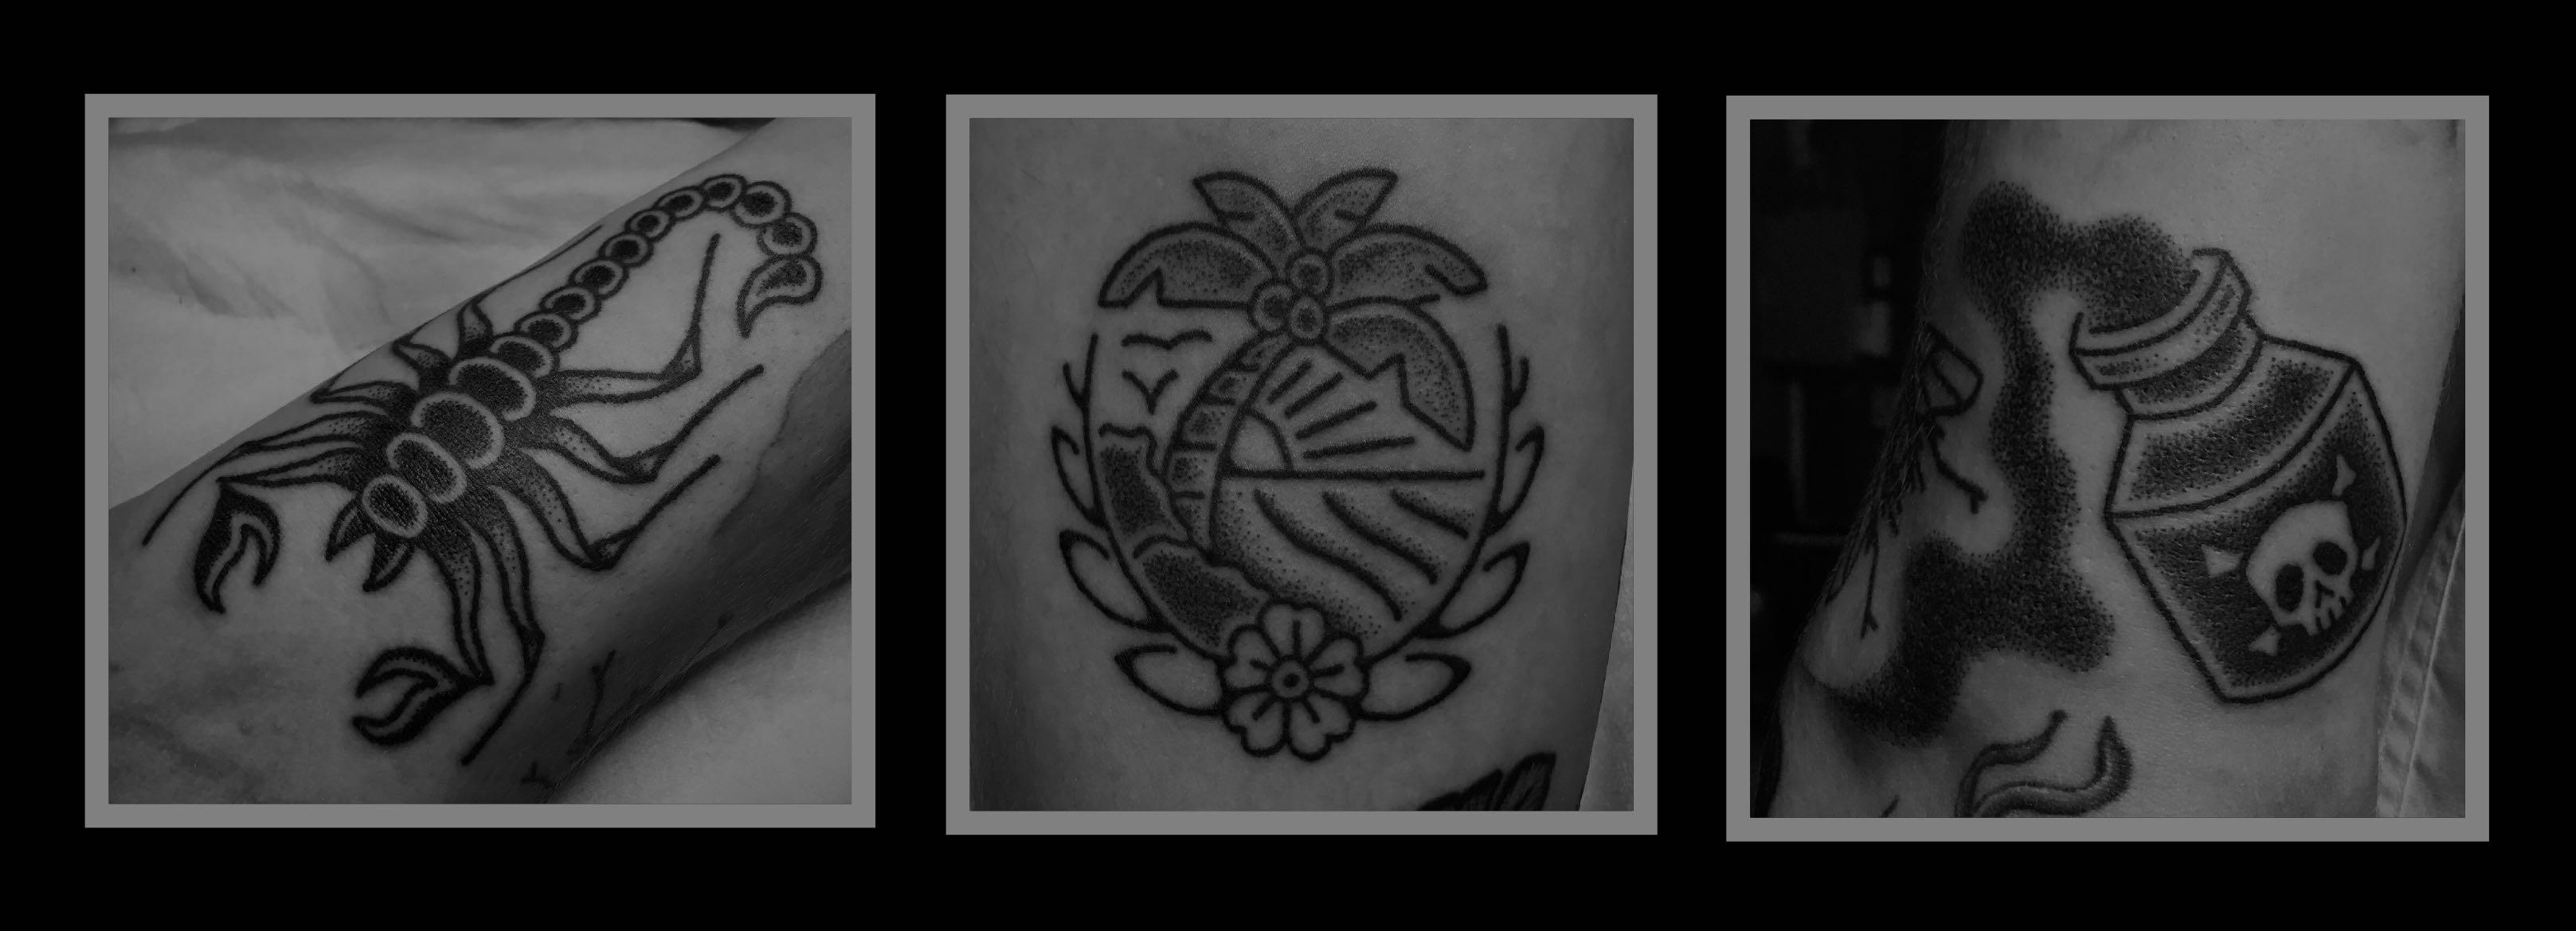 A few Hand Poked Tattoos created by Tarzan